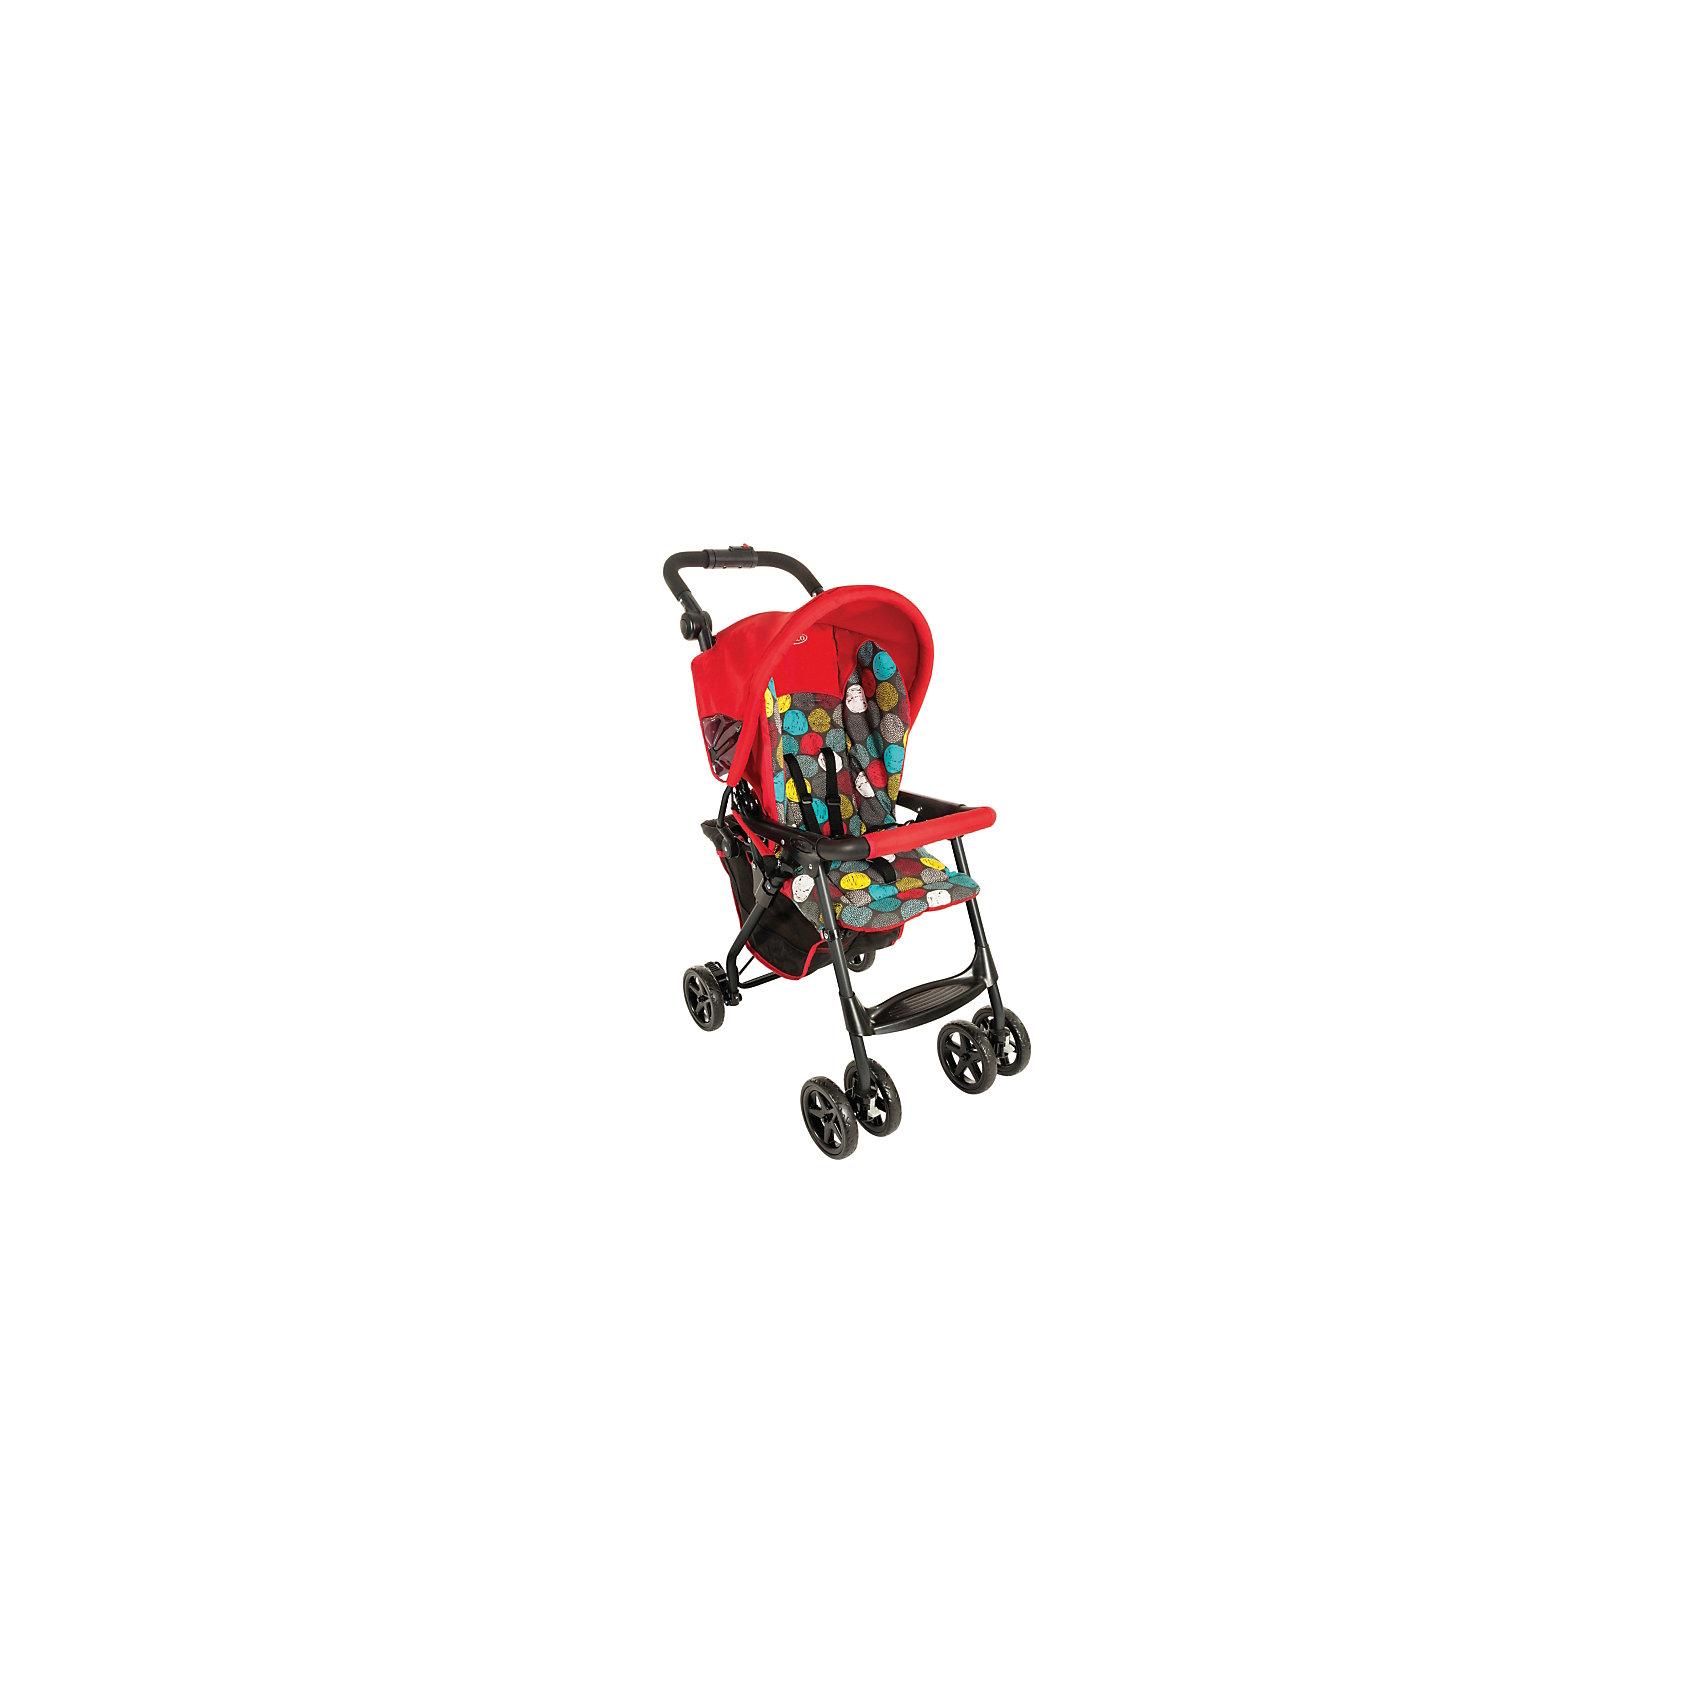 Прогулочная коляска Citisport Lite, Graco, Bubbles красныйПрогулочные коляски<br>Характеристики коляски<br><br>Прогулочный блок:<br><br>• регулируется наклон спинки, горизонтальное положение;<br>• регулируется подножка;<br>• 5-ти точечные ремни безопасности;<br>• защитный бампер;<br>• материал: алюминий, пластик, полиэстер.<br><br>Рама коляски:<br><br>• ручка коляски регулируется по высоте;<br>• коляска кладывается одной рукой;<br>• устойчива в сложенном виде;<br>• колеса сдвоенные;<br>• передние поворотные колеса с блокировкой;<br>• тип складывания: книжка.<br><br>Размер коляски: 68х45х102 см<br>Размер в сложенном виде: 85х45х30 см<br>Длина спального места: 75 см<br>Ширина сиденья: 34 см<br>Глубина сиденья: 28 см<br>Высота спинки: 46 см<br>Вес: 6 кг<br>Размер упаковки: 42х74х48 см<br>Вес в упаковке: 7,5 кг<br><br>Прогулочную коляску Citisport Lite, Graco, Bubbles цвет красный можно купить в нашем интернет-магазине.<br><br>Ширина мм: 420<br>Глубина мм: 240<br>Высота мм: 780<br>Вес г: 8100<br>Возраст от месяцев: 6<br>Возраст до месяцев: 36<br>Пол: Унисекс<br>Возраст: Детский<br>SKU: 6757386